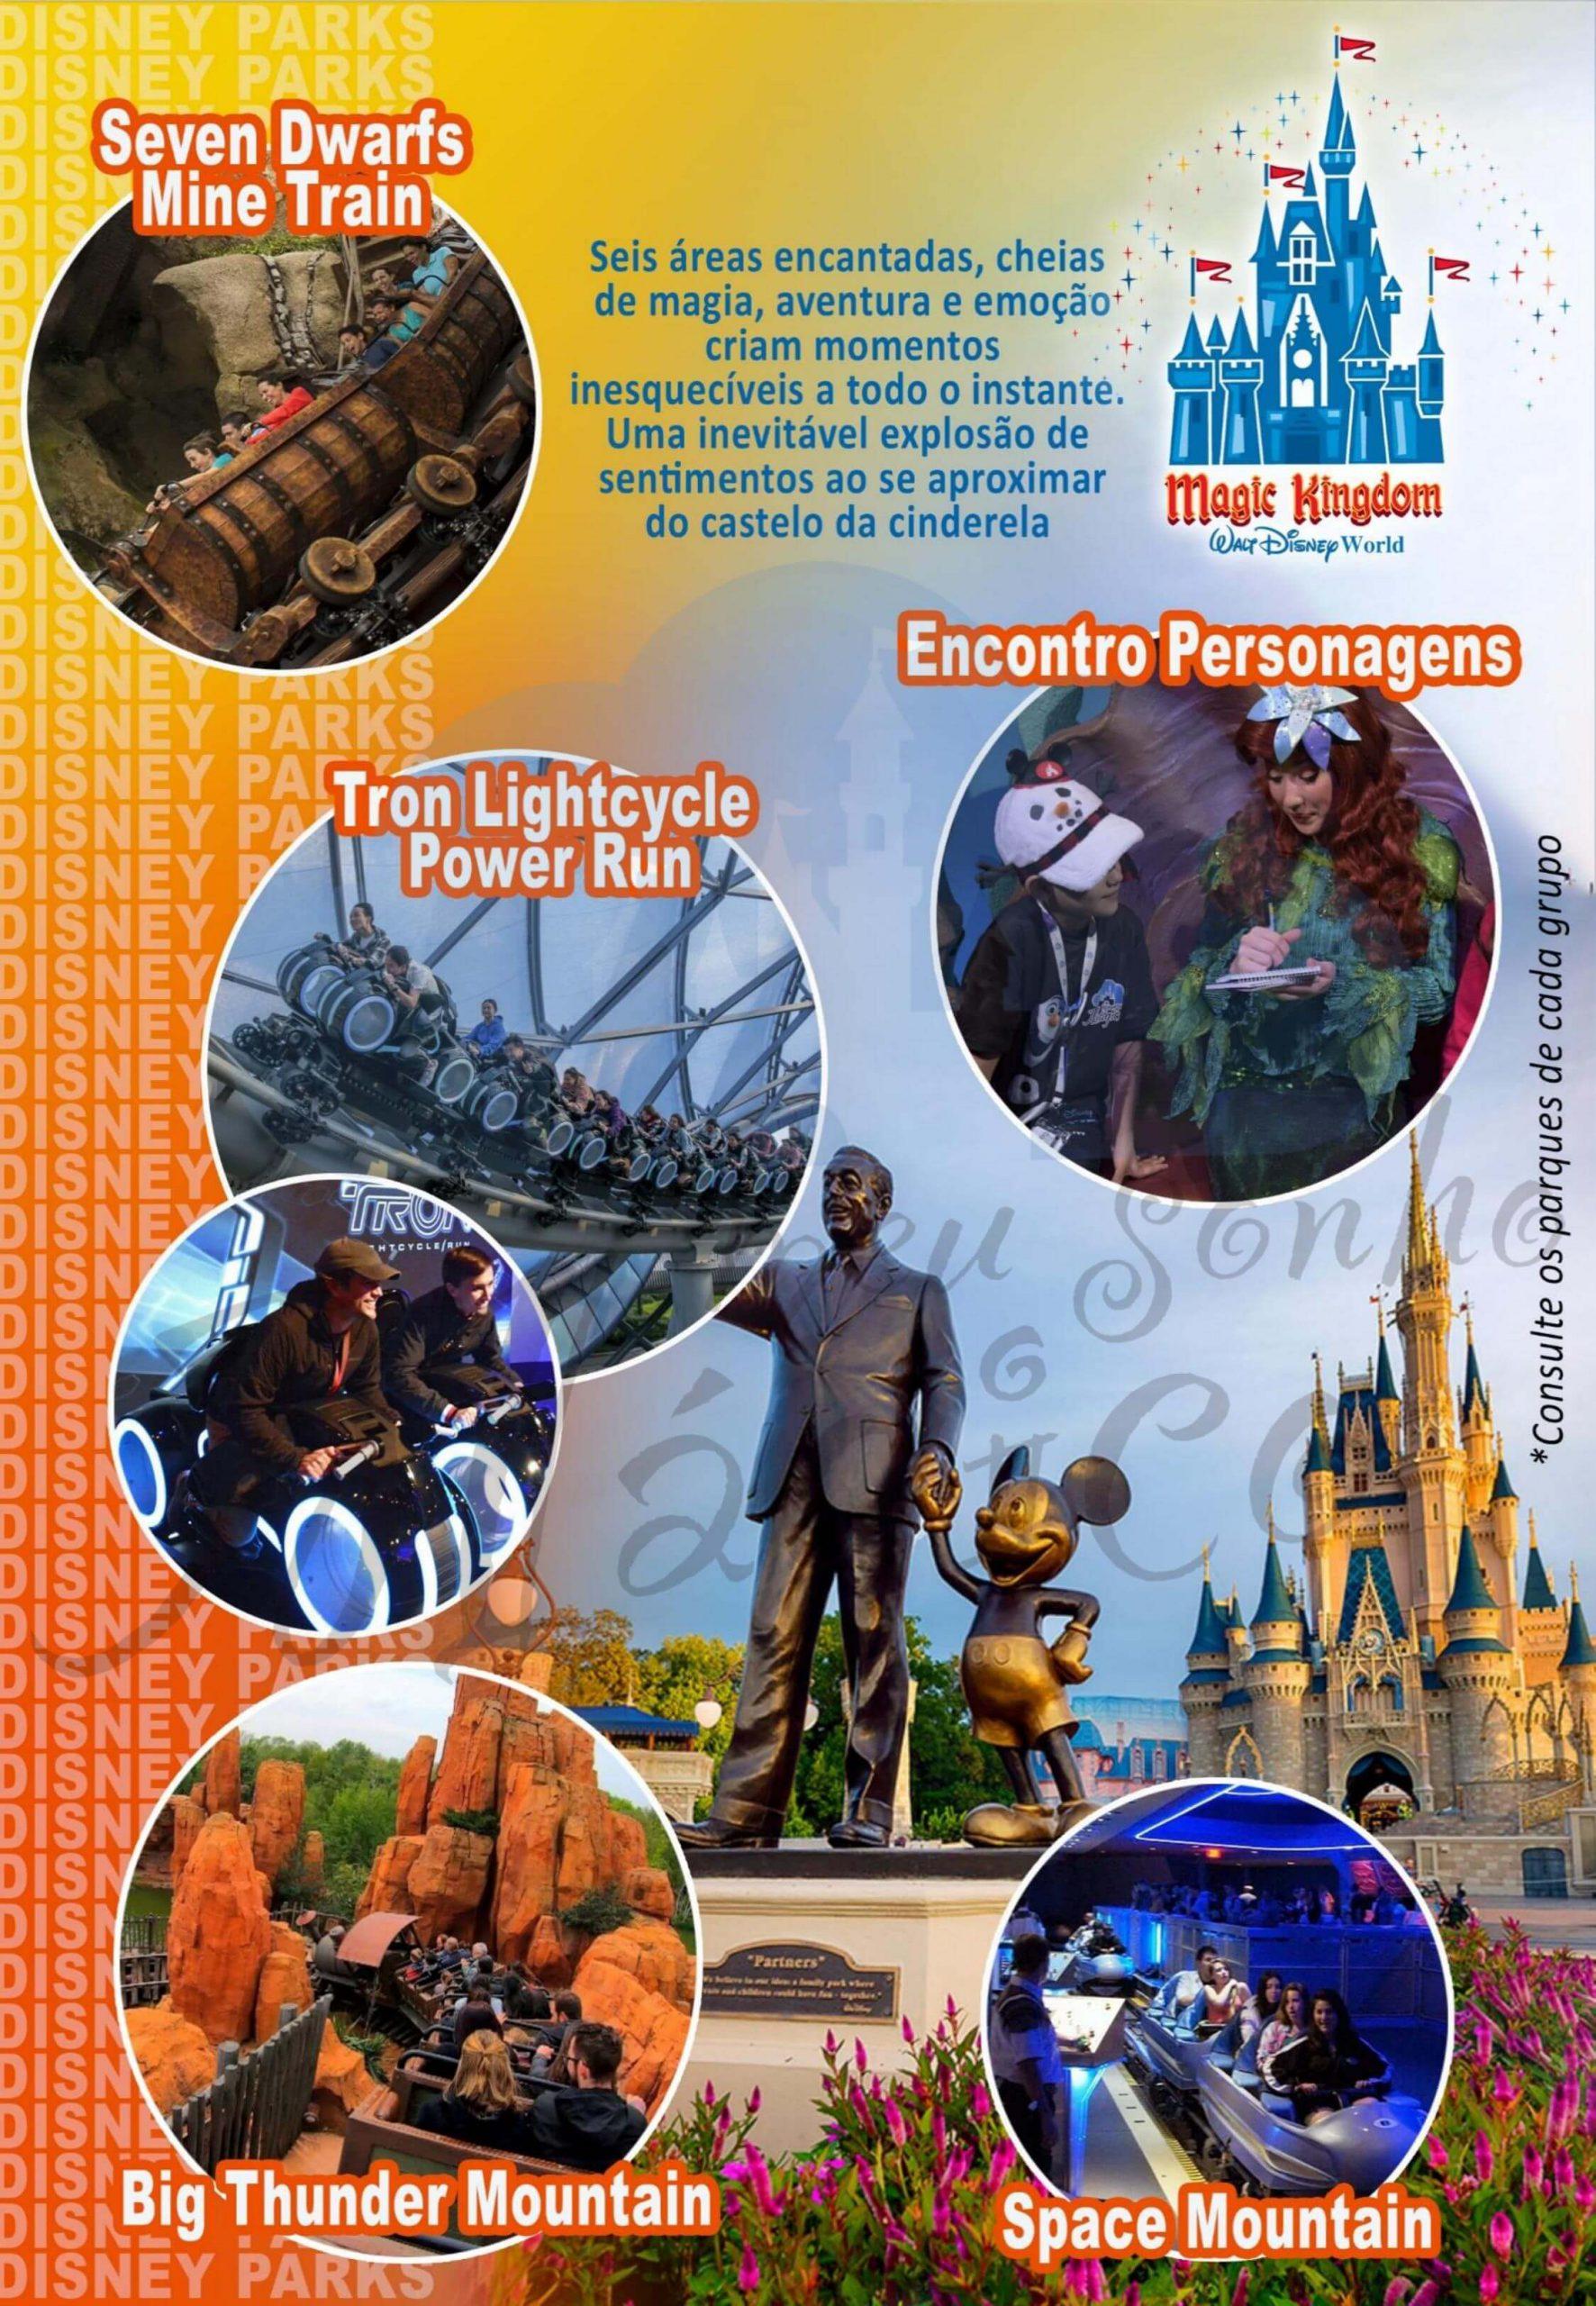 Grupo Teen Verão - Disney Julho 2023 8